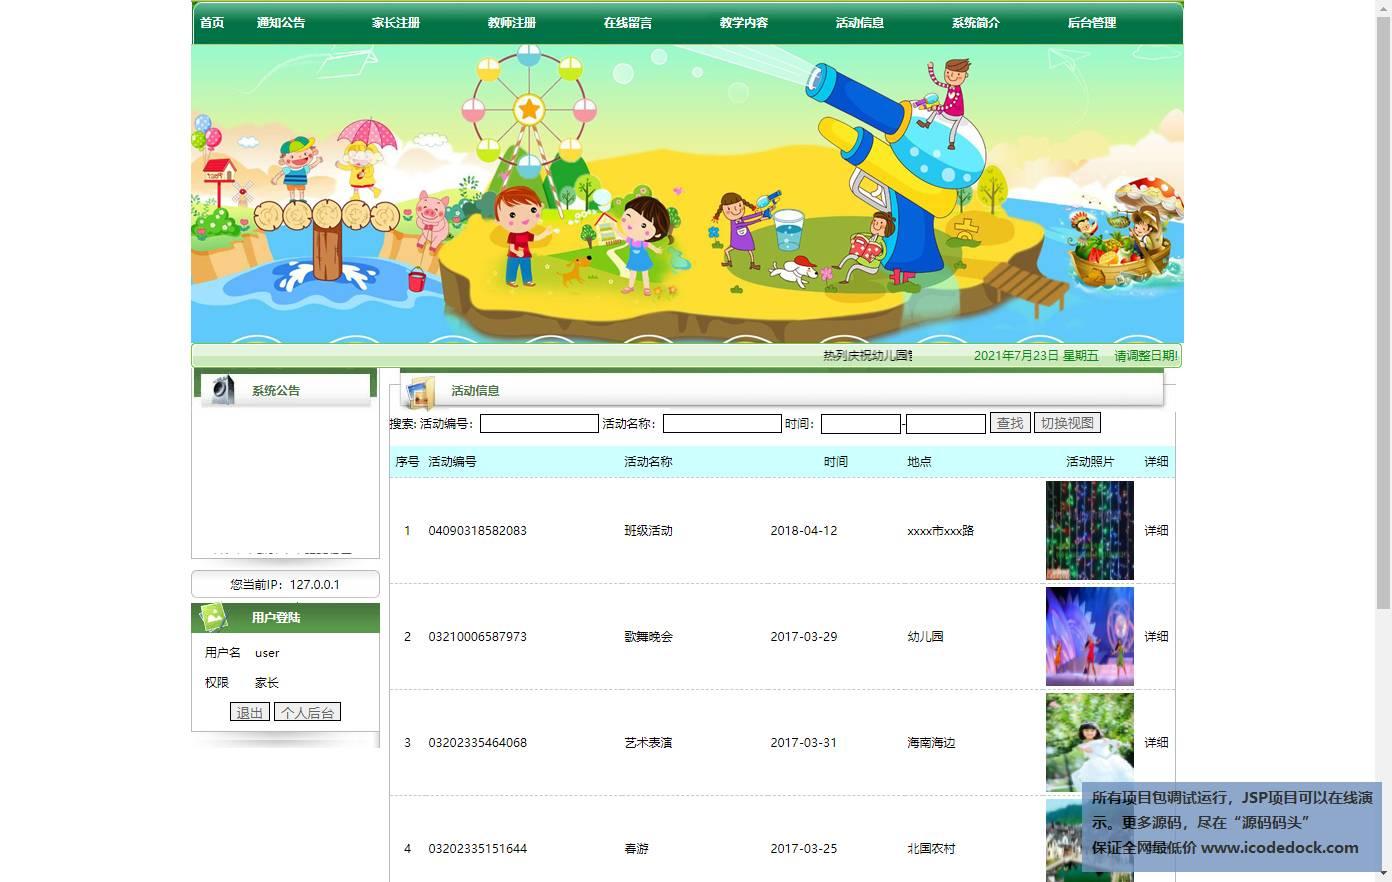 源码码头-JSP在线幼儿园管理包含官网系统平台-用户角色-查看活动信息